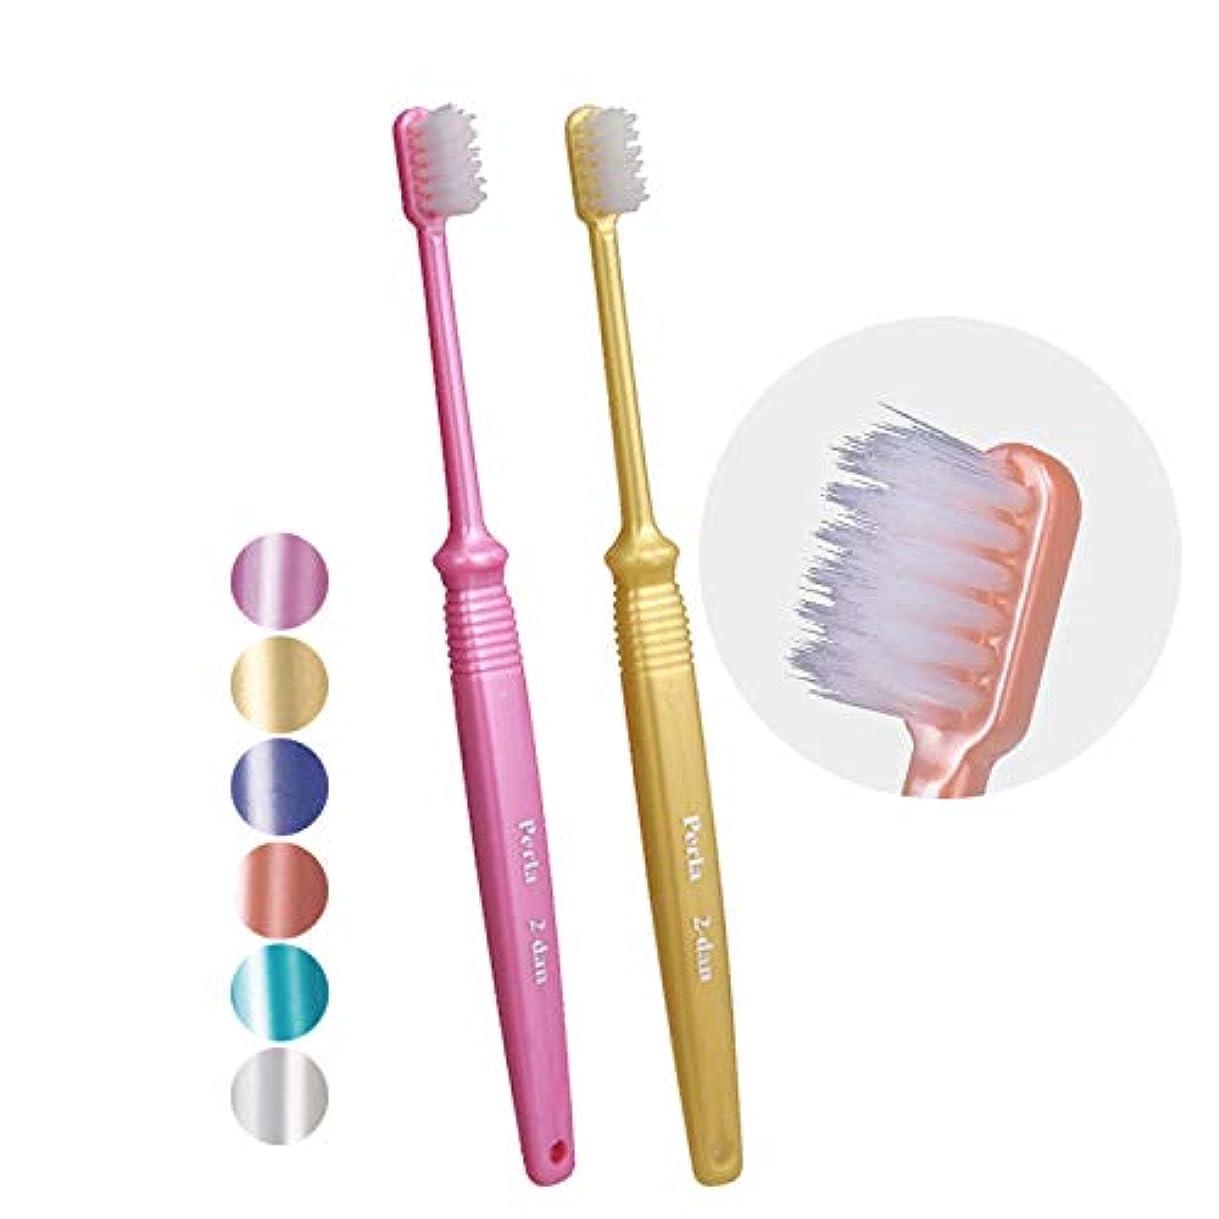 割り当てる予防接種無意味P.D.R.(ピーディーアール) ペルラ 歯ブラシ 二段植毛 × 1本 M(ふつう)